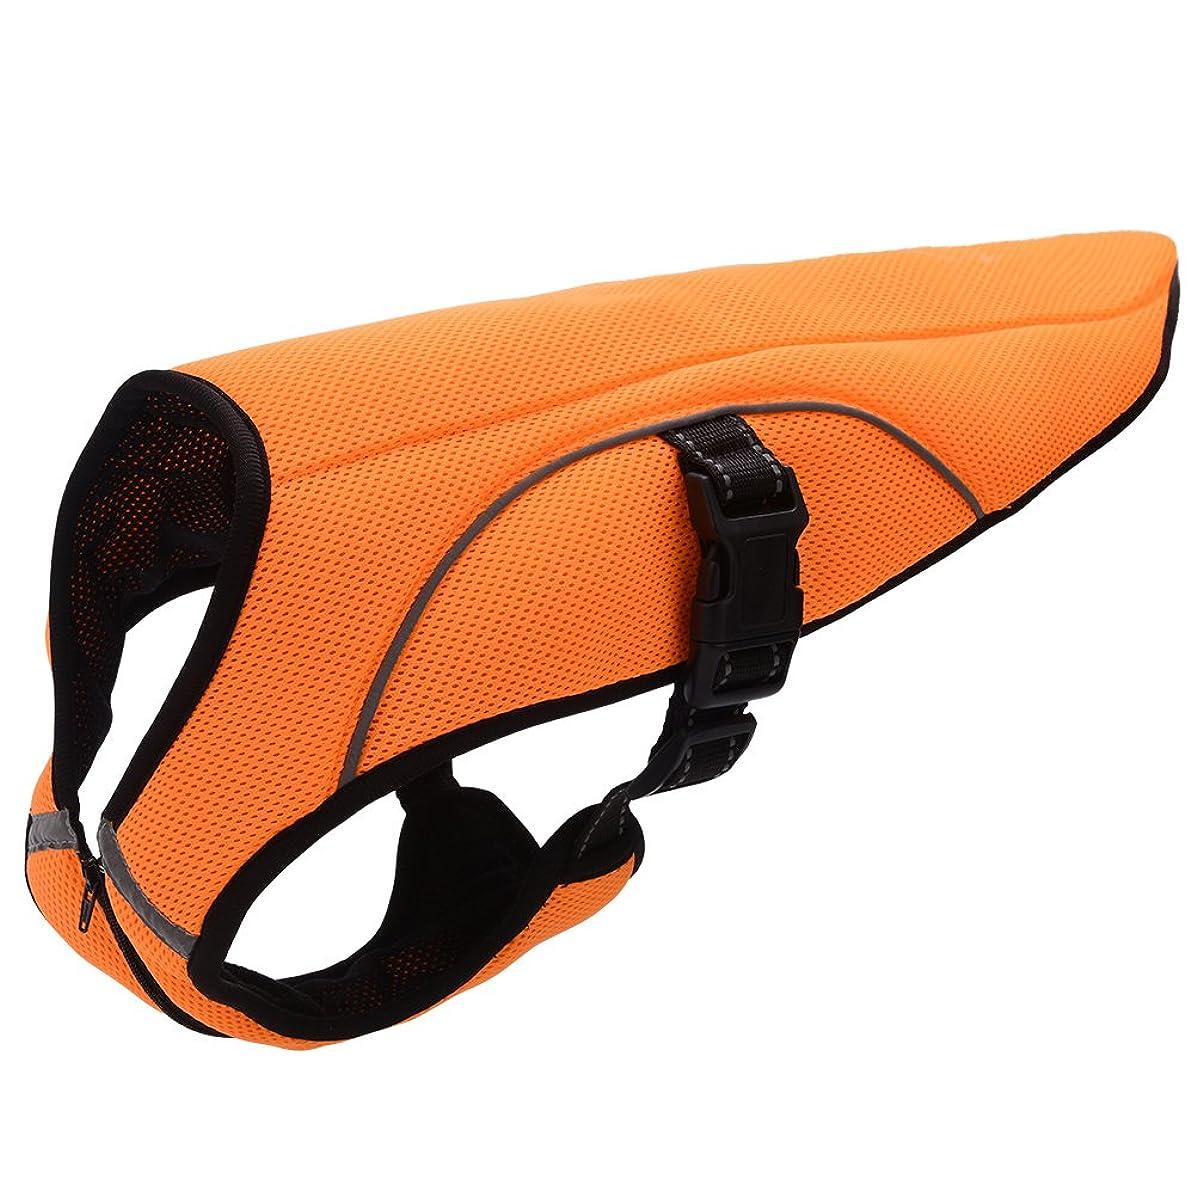 BINGPET Dog Cooling Jacket Evaporative Swamp Cooler Vest Reflective Safety Pet Hunting Harness by